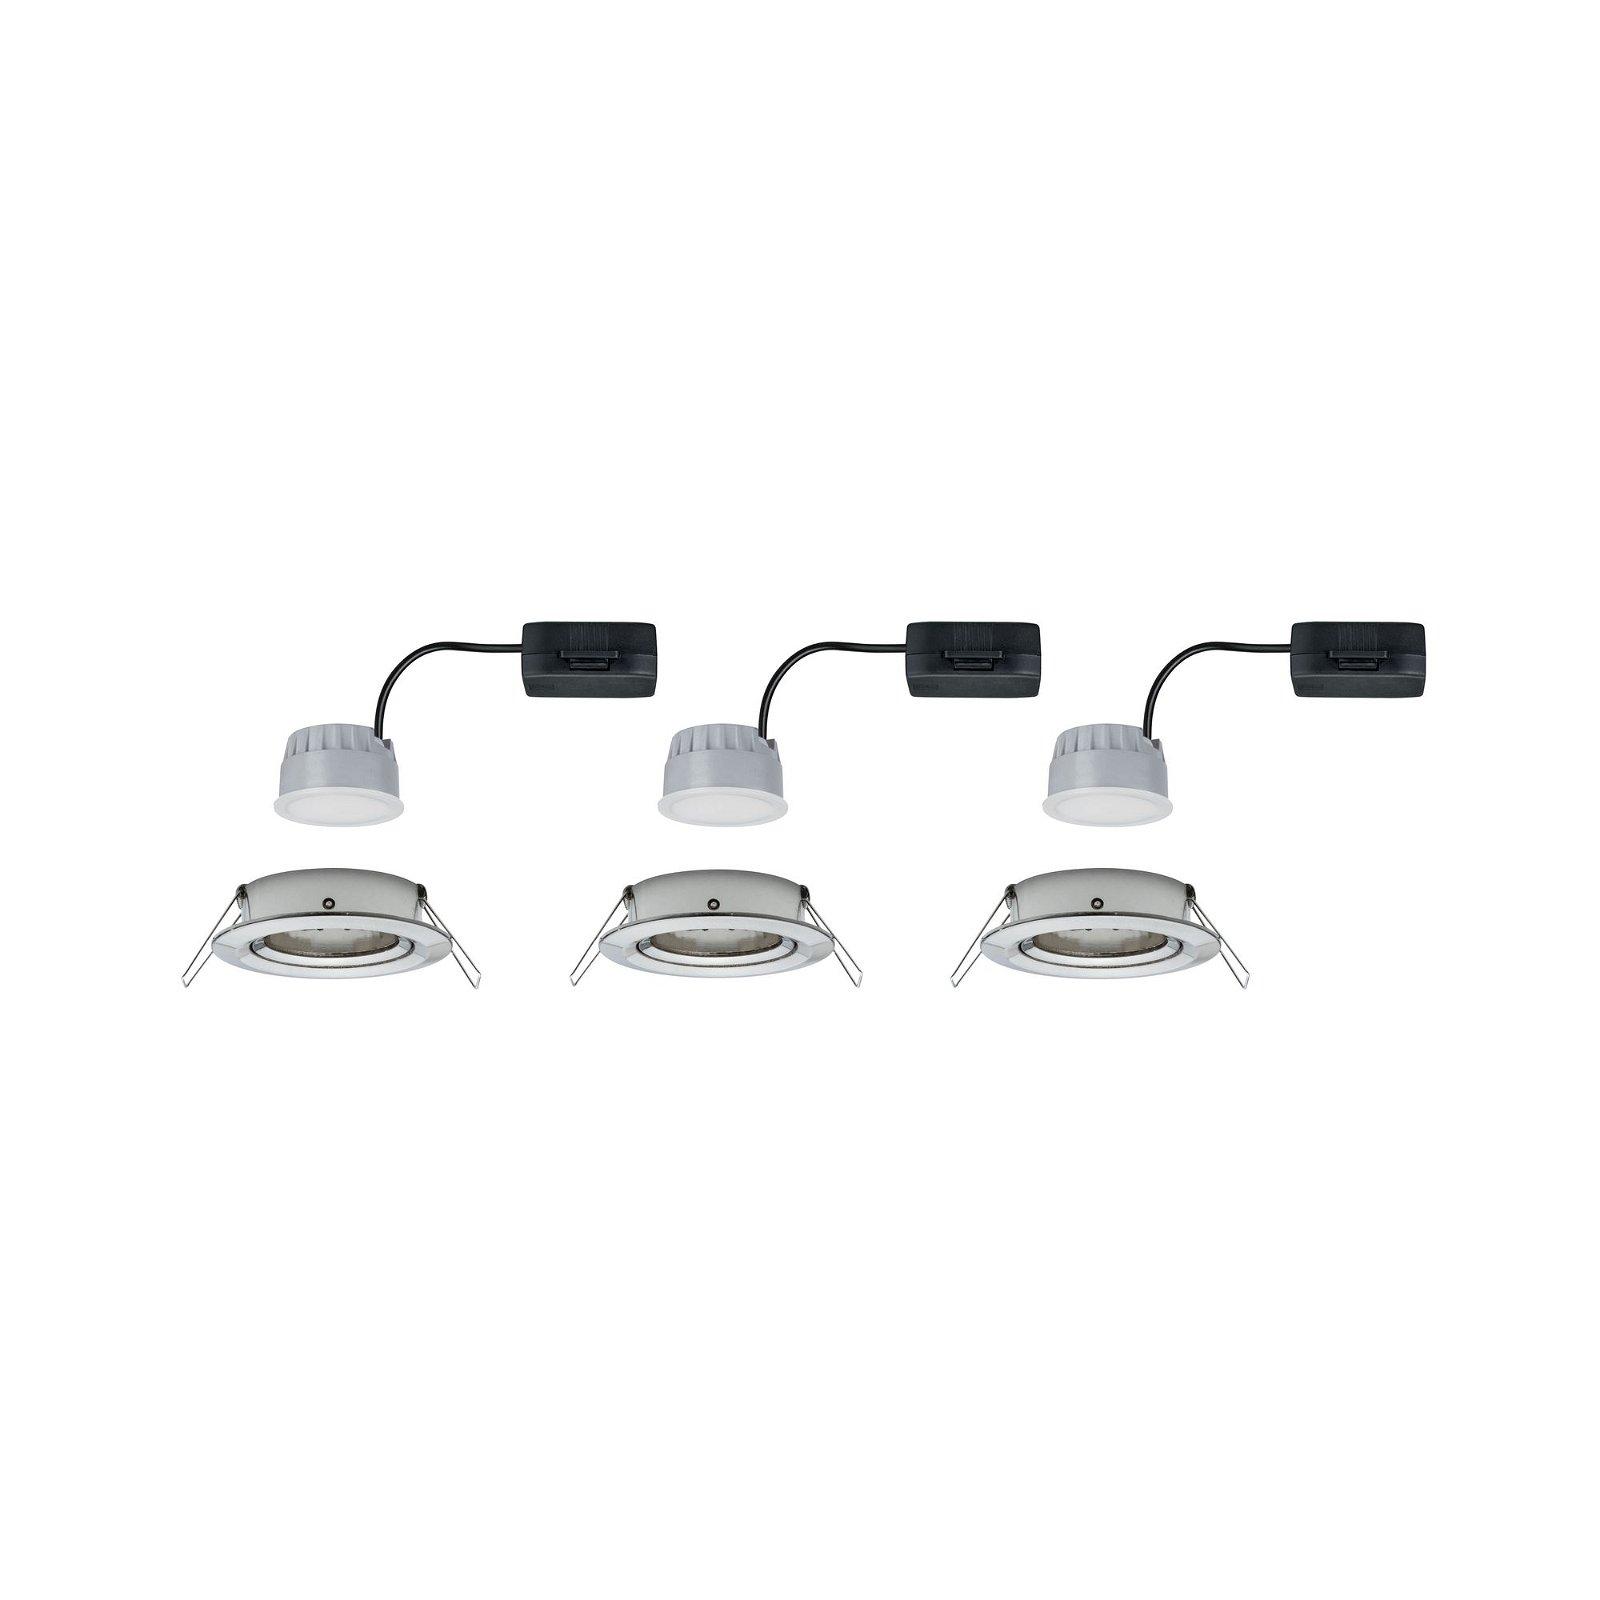 LED Einbauleuchte 3-Step-Dim Nova Coin Basisset schwenkbar rund 84mm 50° Coin 3x6,5W 3x460lm 230V 2700K Eisen gebürstet